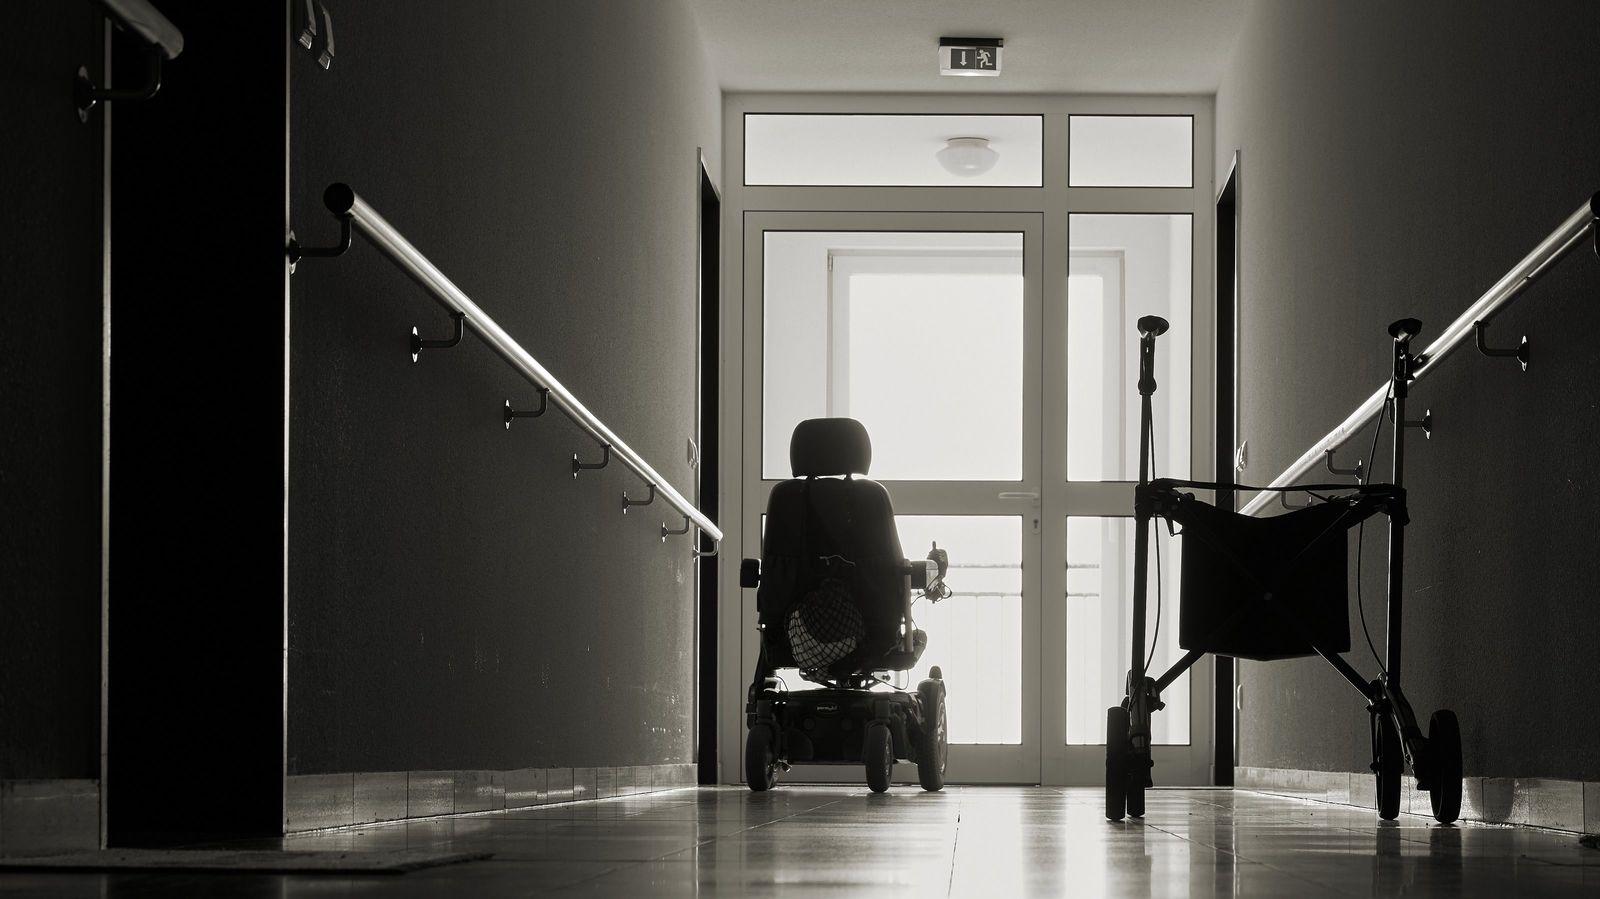 2021年春に介護難民があふれる「人災」が起きる 介護保険法の「改悪」で現場は大混乱